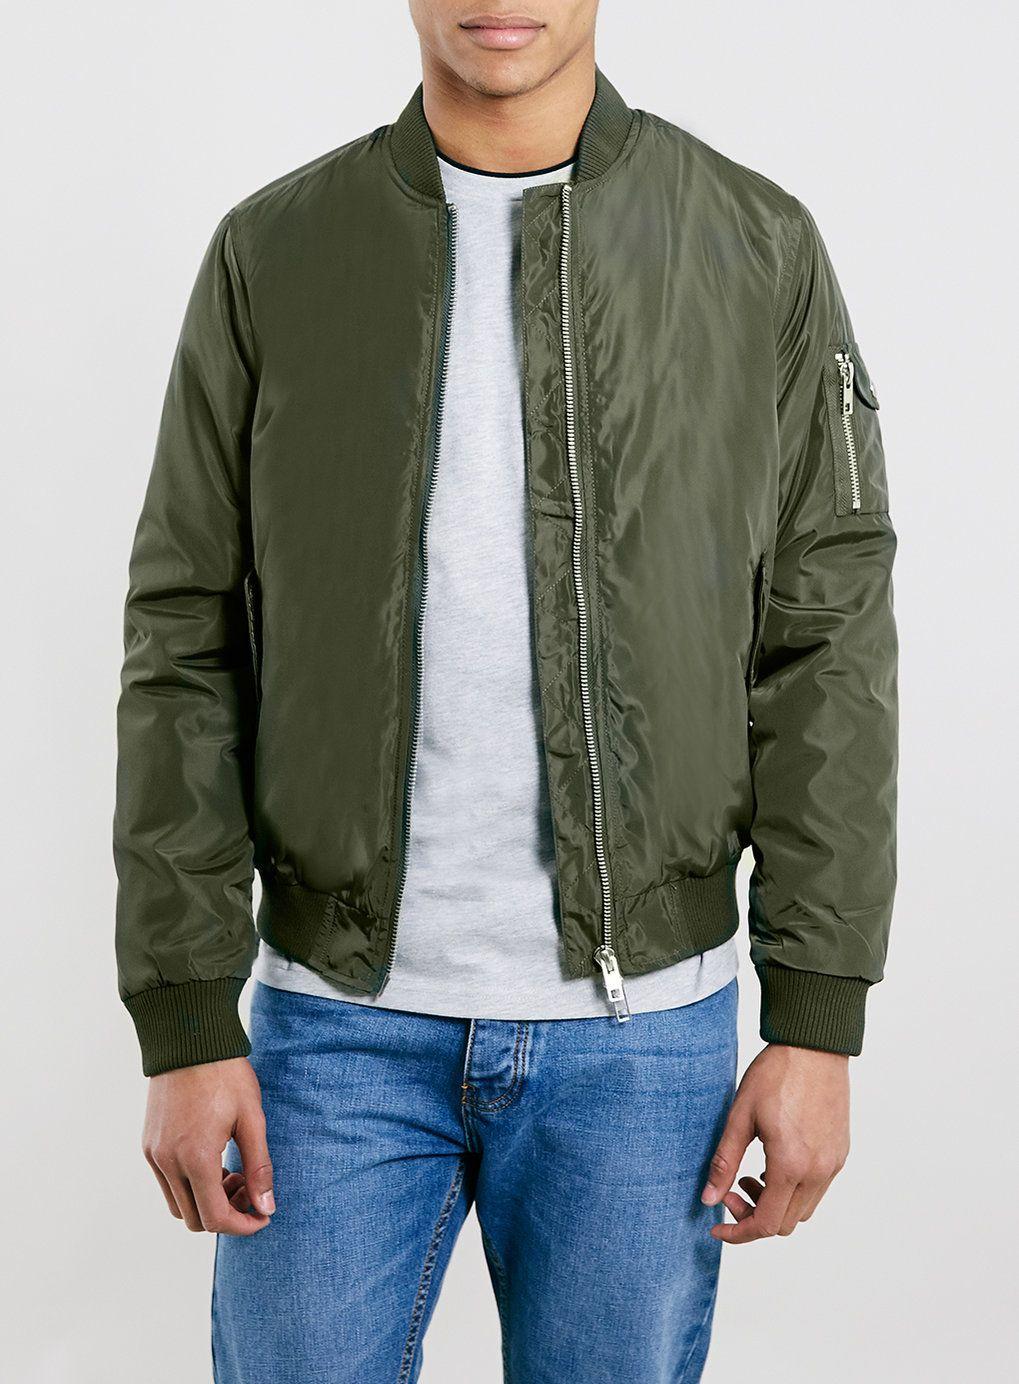 Khaki heavyweight bomber jacket | Products, Bomber jackets and Khakis